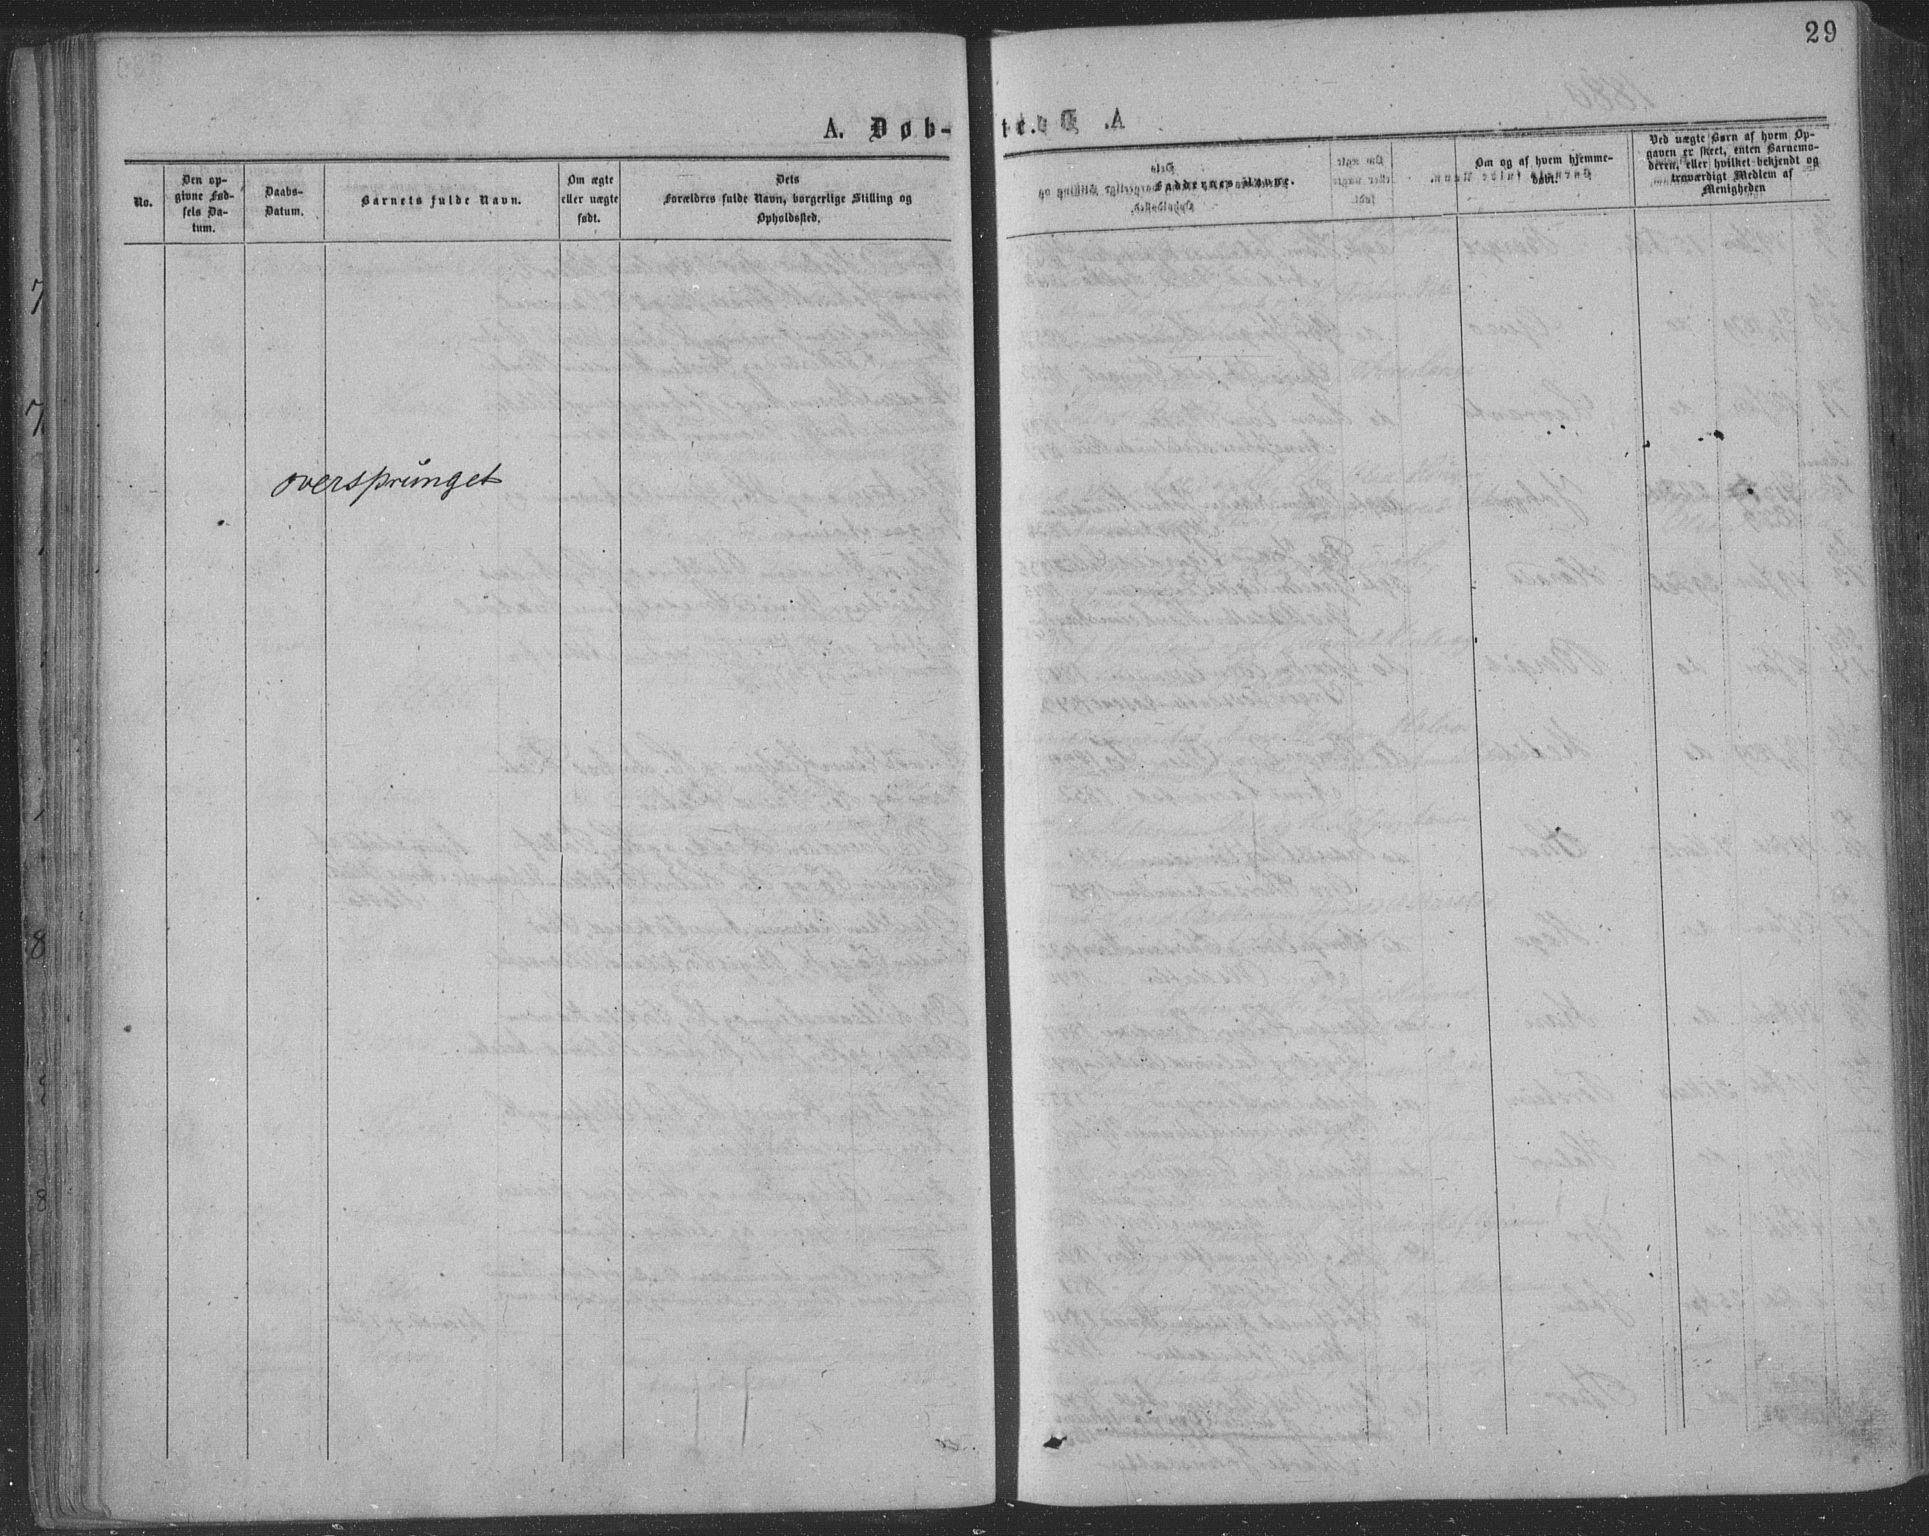 SAKO, Seljord kirkebøker, F/Fa/L0014: Ministerialbok nr. I 14, 1877-1886, s. 29